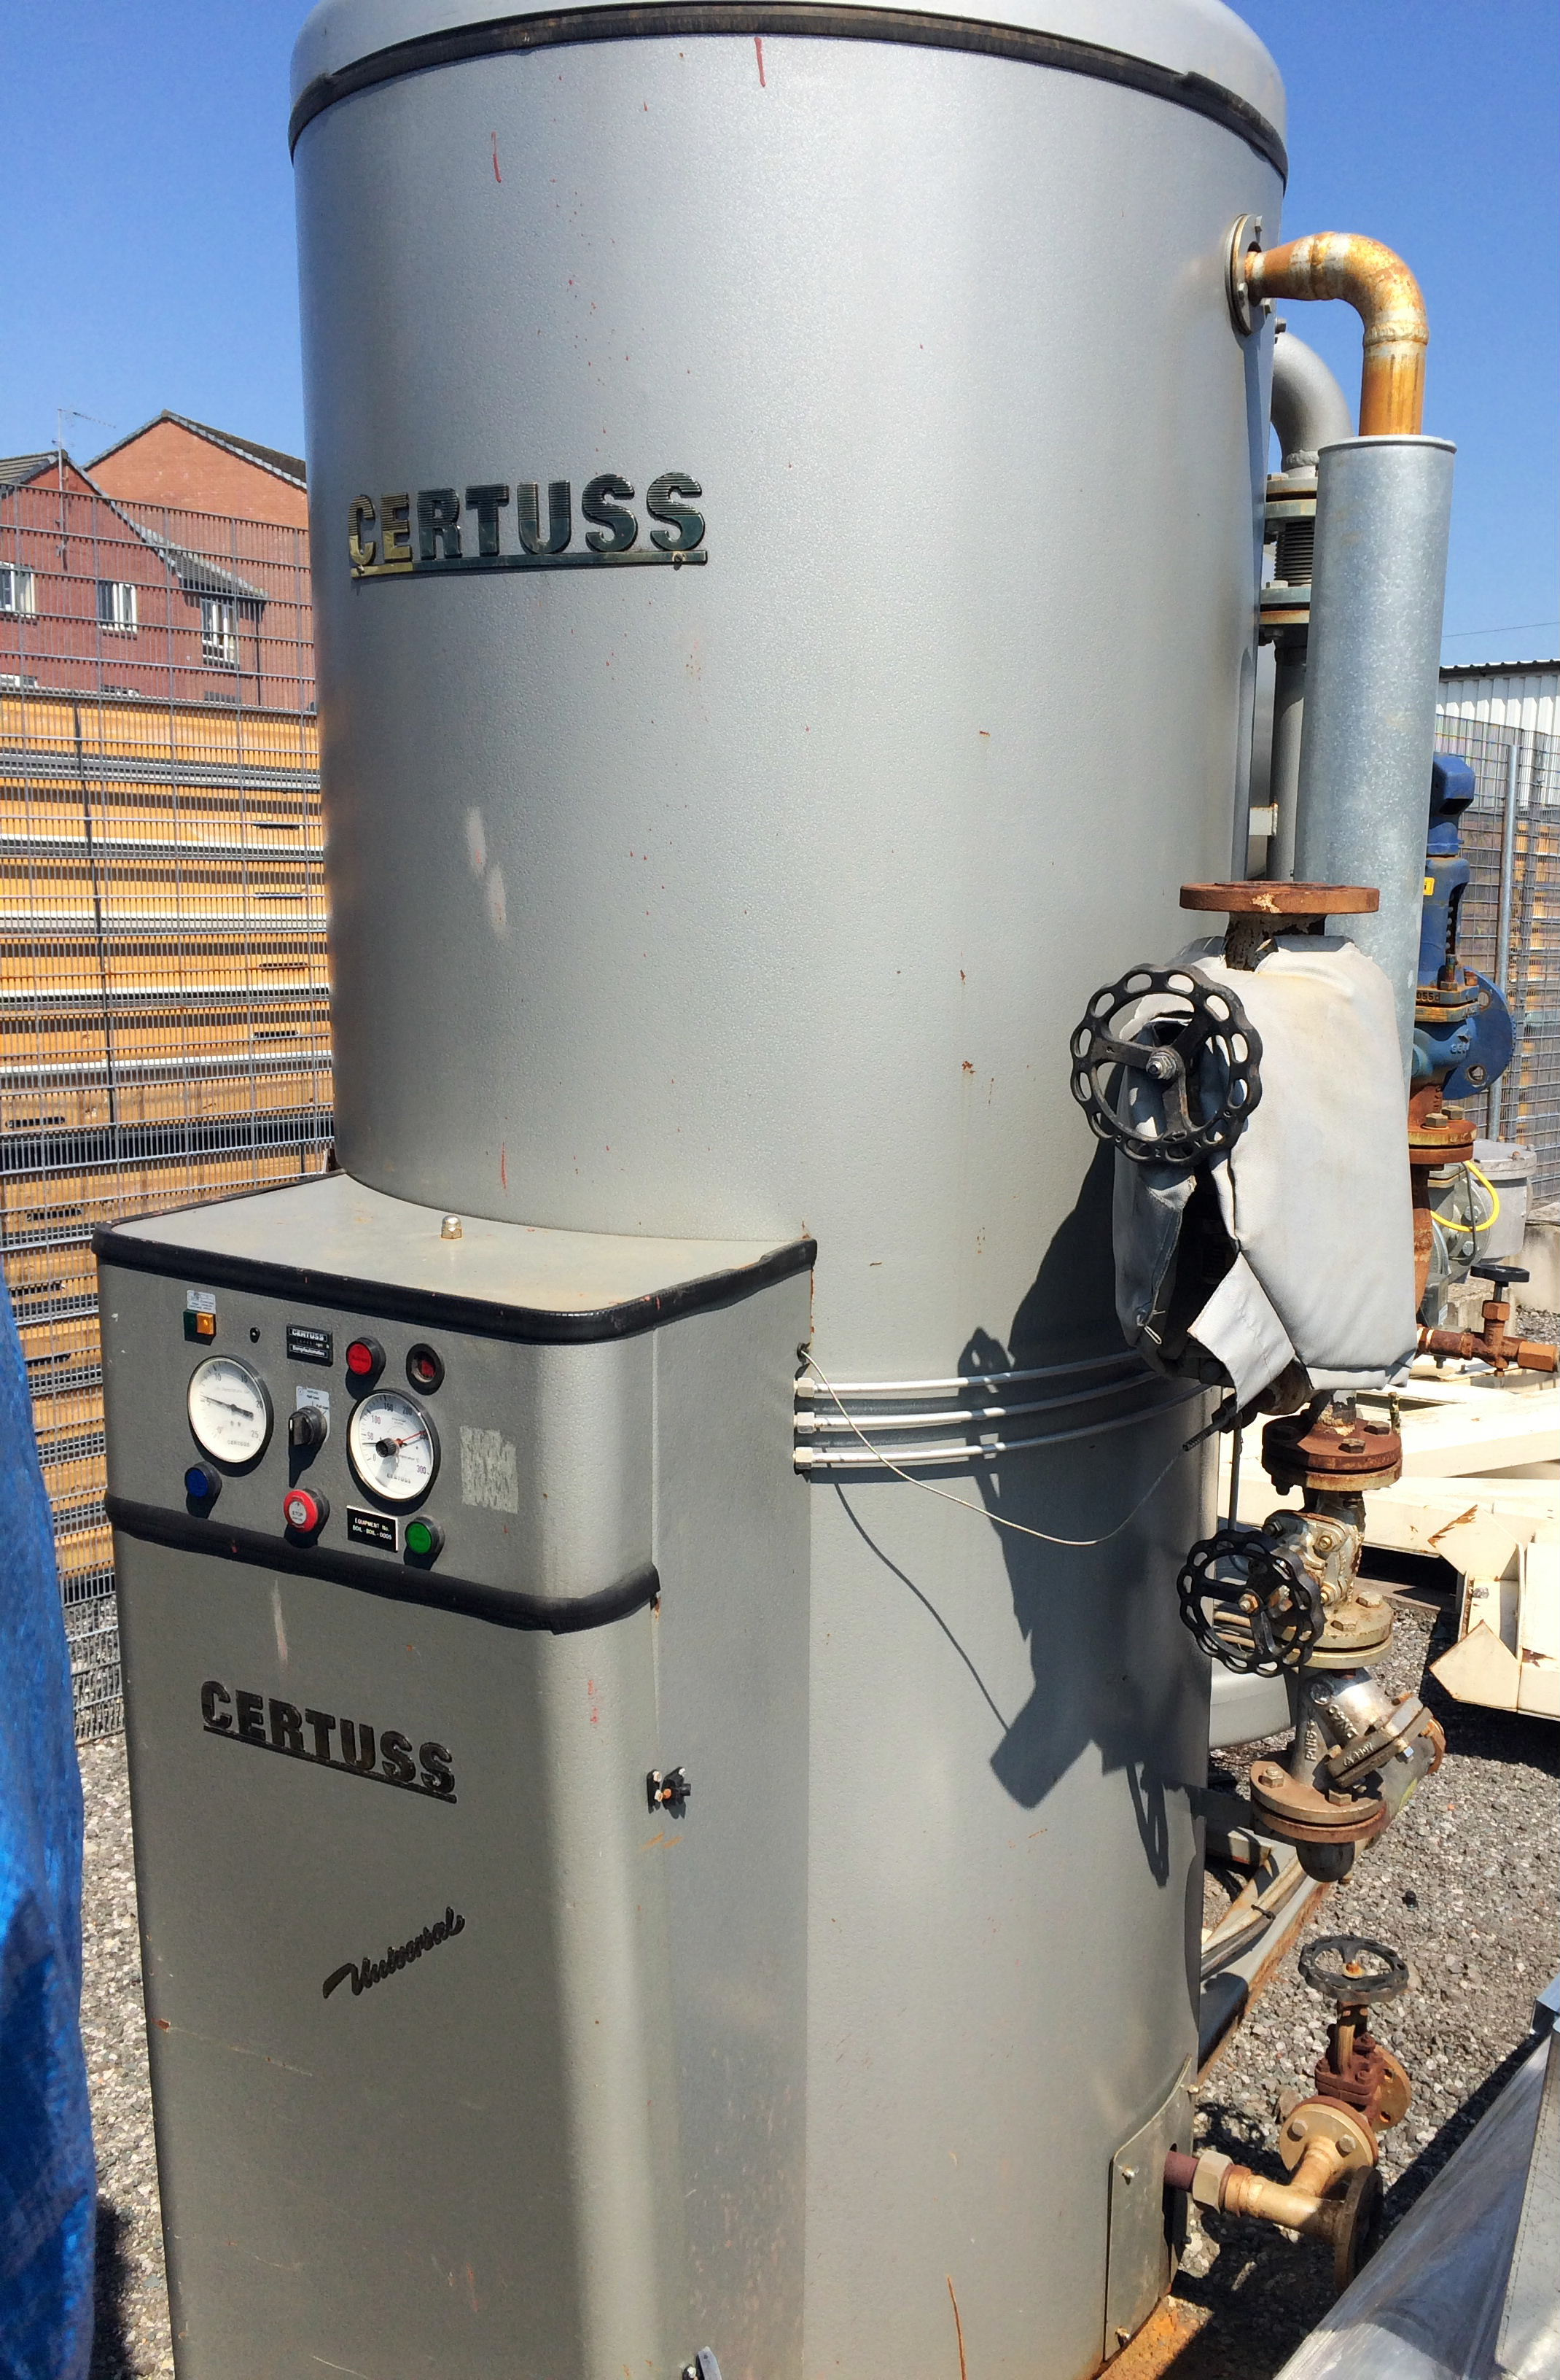 A Certuss Universal 1800EG Gas Fired Steam Generator No 2003